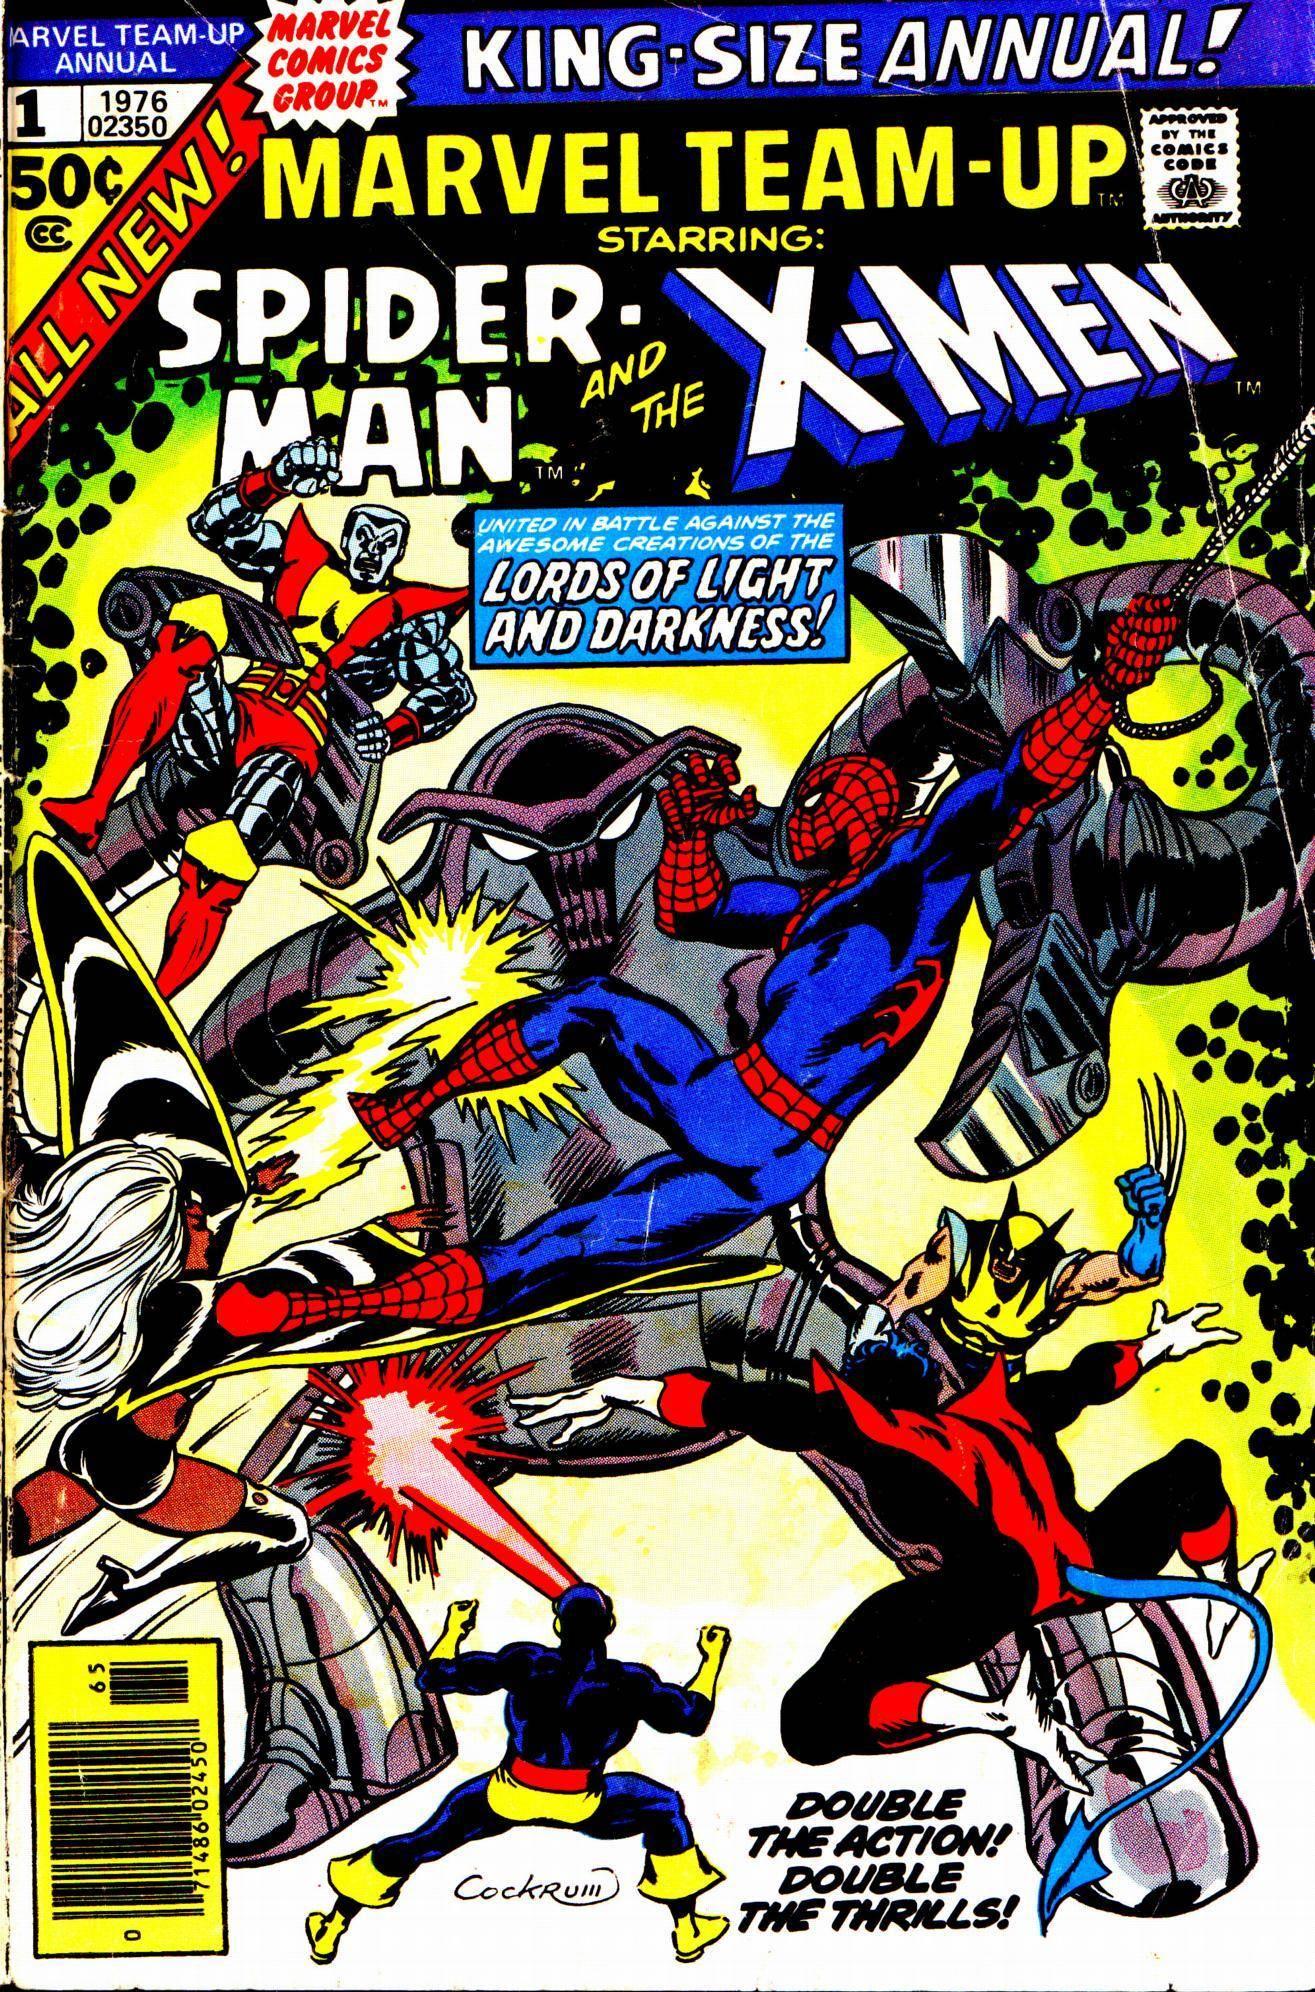 Marvel Team-Up v1 Annual 01 - 1976